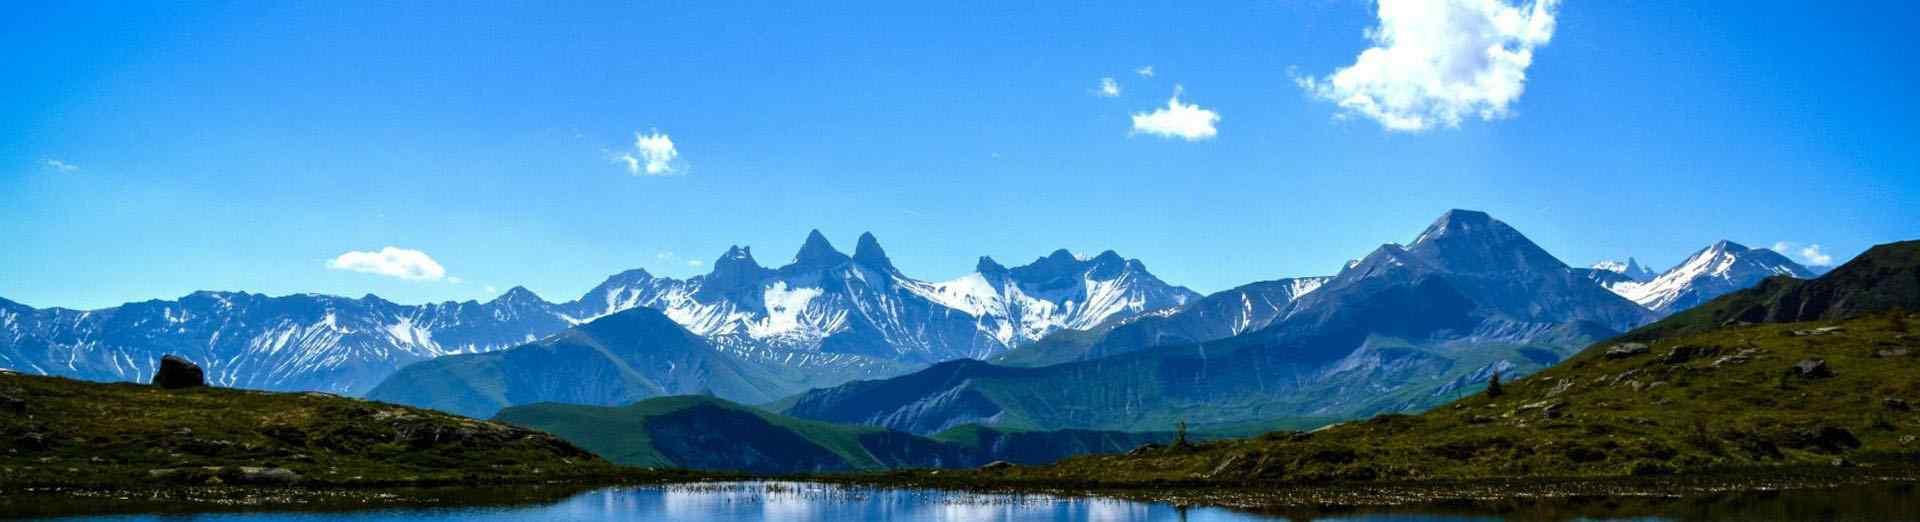 中国最美十大山峰_中国最美山峰图片_山峰风景图片_风景壁纸